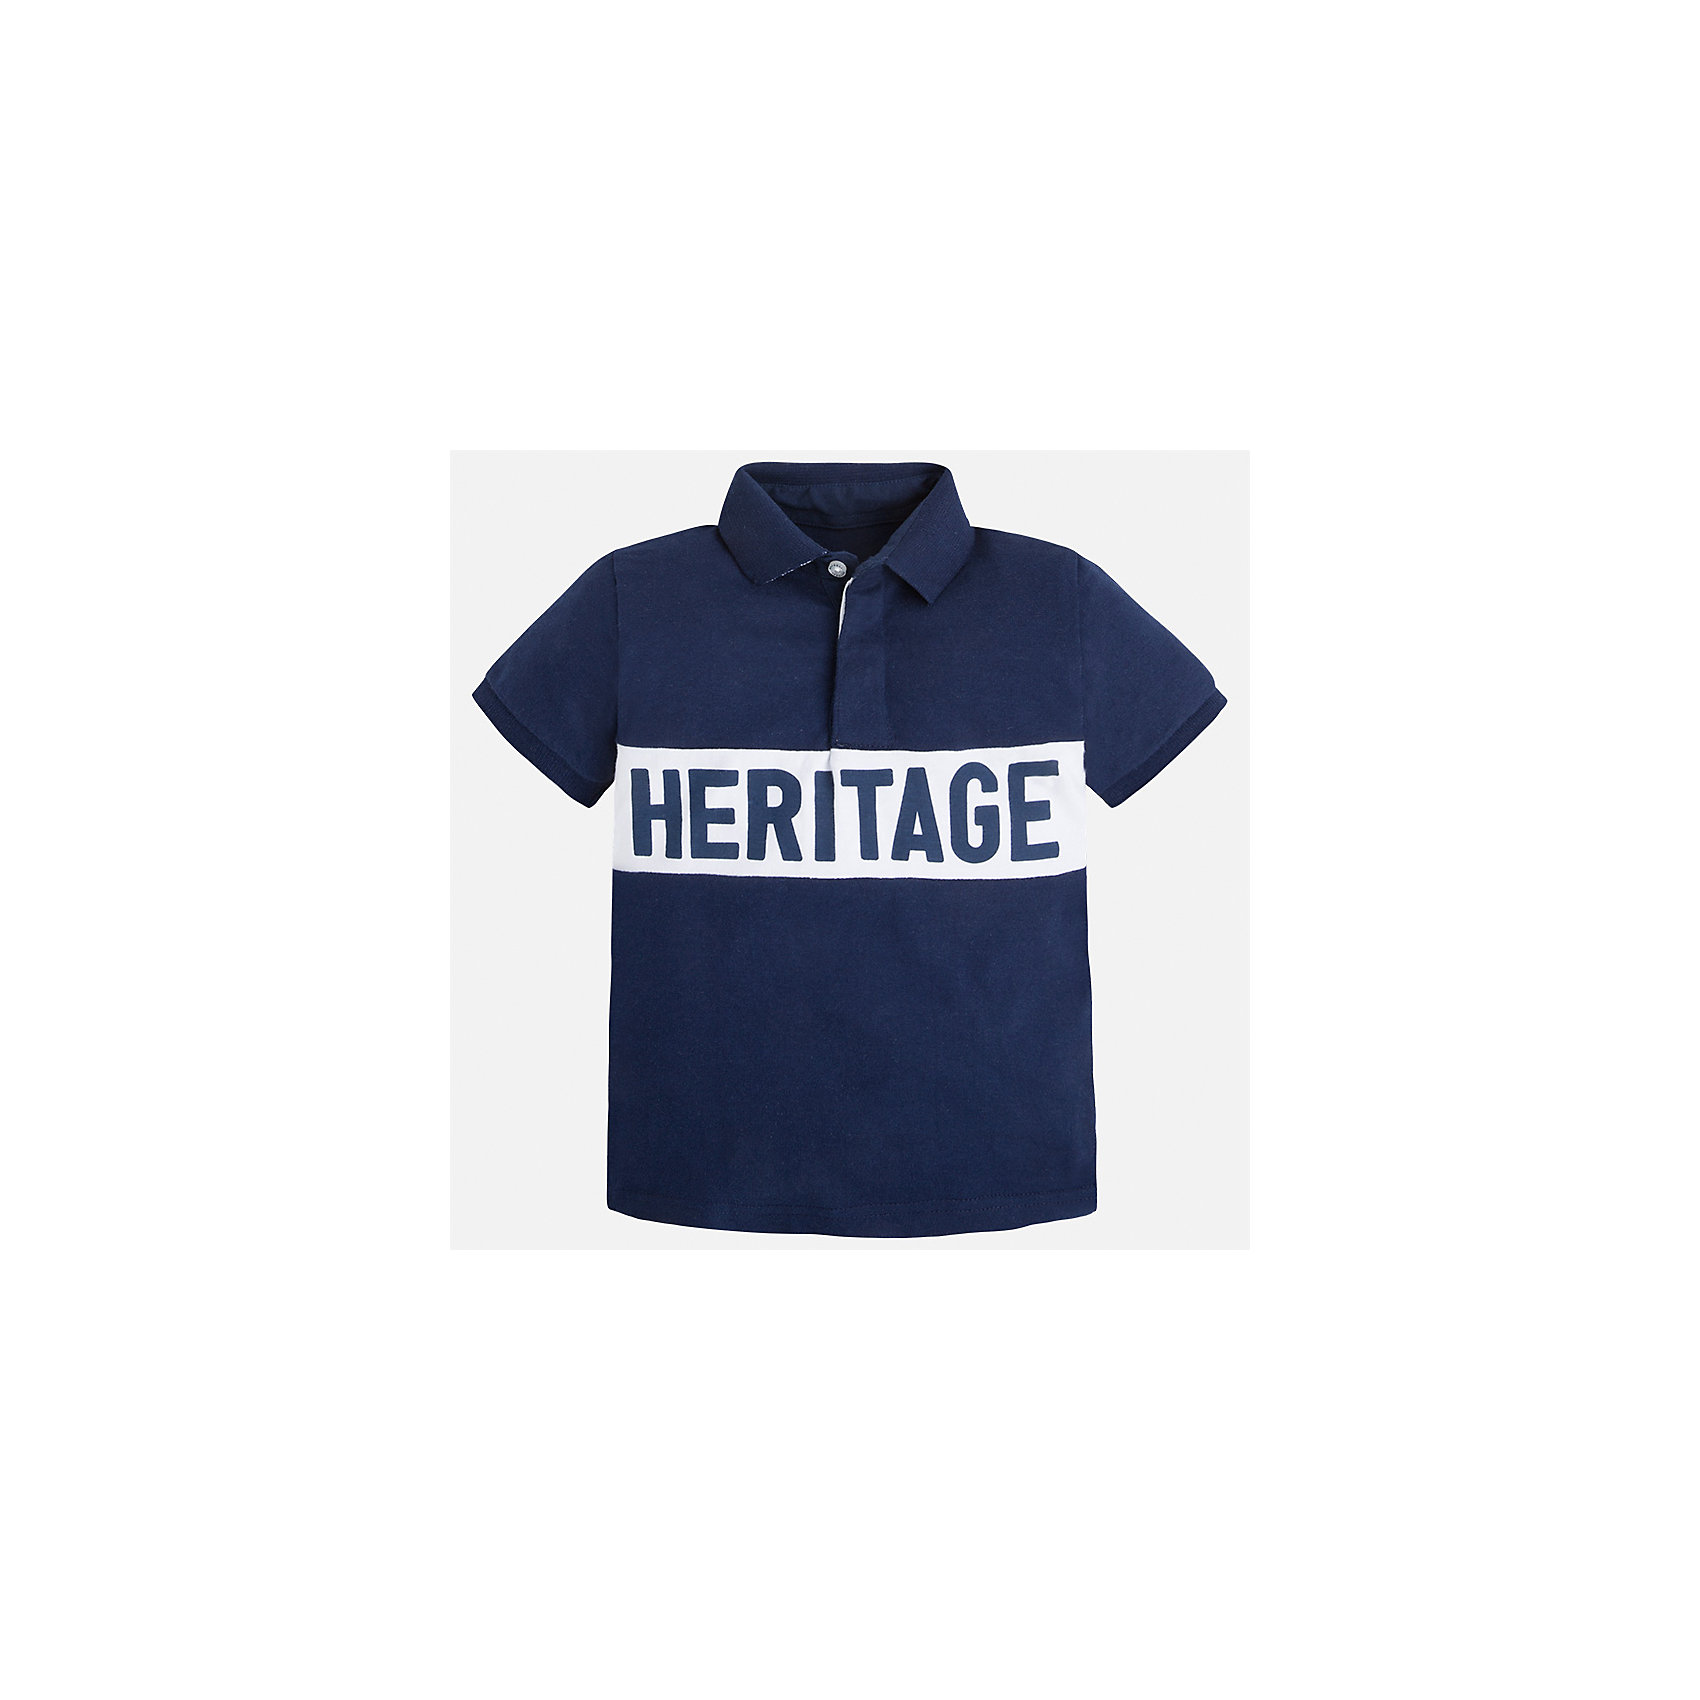 Рубашка-поло для мальчика MayoralФутболки, поло и топы<br>Характеристики товара:<br><br>• цвет: синий<br>• состав: 100% хлопок<br>• отложной воротник<br>• короткие рукава<br>• застежка: пуговицы<br>• декорирована вышивкой<br>• страна бренда: Испания<br><br>Стильная футболка-поло для мальчика может стать базовой вещью в гардеробе ребенка. Она отлично сочетается с брюками, шортами, джинсами и т.д. Универсальный крой и цвет позволяет подобрать к вещи низ разных расцветок. Практичное и стильное изделие! В составе материала - только натуральный хлопок, гипоаллергенный, приятный на ощупь, дышащий.<br><br>Одежда, обувь и аксессуары от испанского бренда Mayoral полюбились детям и взрослым по всему миру. Модели этой марки - стильные и удобные. Для их производства используются только безопасные, качественные материалы и фурнитура. Порадуйте ребенка модными и красивыми вещами от Mayoral! <br><br>Футболку-поло для мальчика от испанского бренда Mayoral (Майорал) можно купить в нашем интернет-магазине.<br><br>Ширина мм: 230<br>Глубина мм: 40<br>Высота мм: 220<br>Вес г: 250<br>Цвет: синий<br>Возраст от месяцев: 72<br>Возраст до месяцев: 84<br>Пол: Мужской<br>Возраст: Детский<br>Размер: 122,134,128,116,104,92,98,110<br>SKU: 5271976